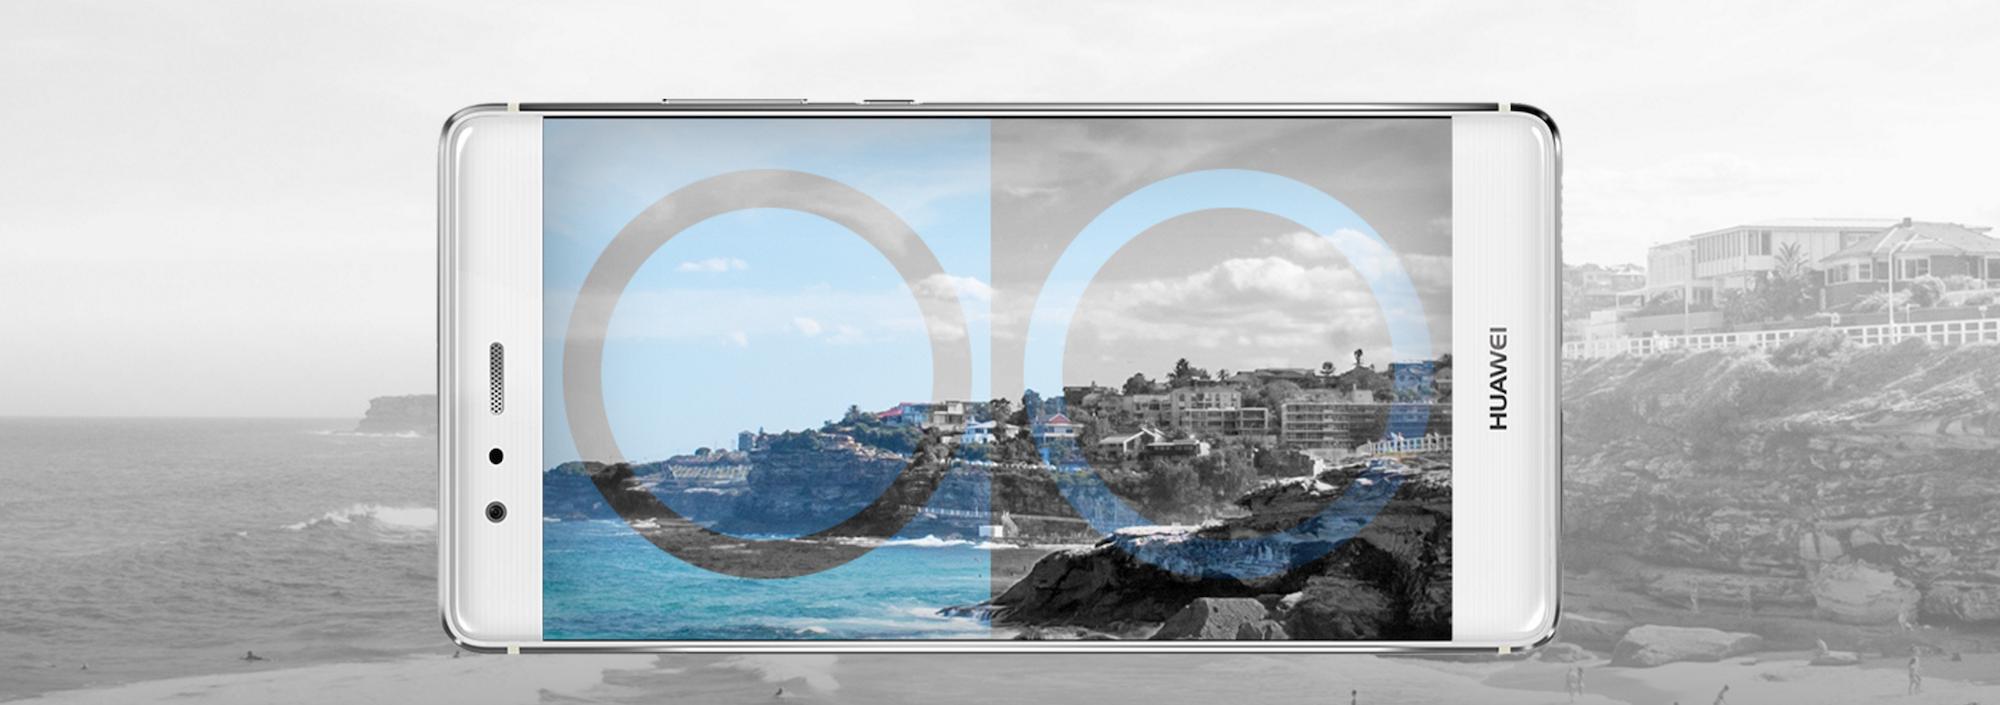 Huawei Essence, concorso di fotografia